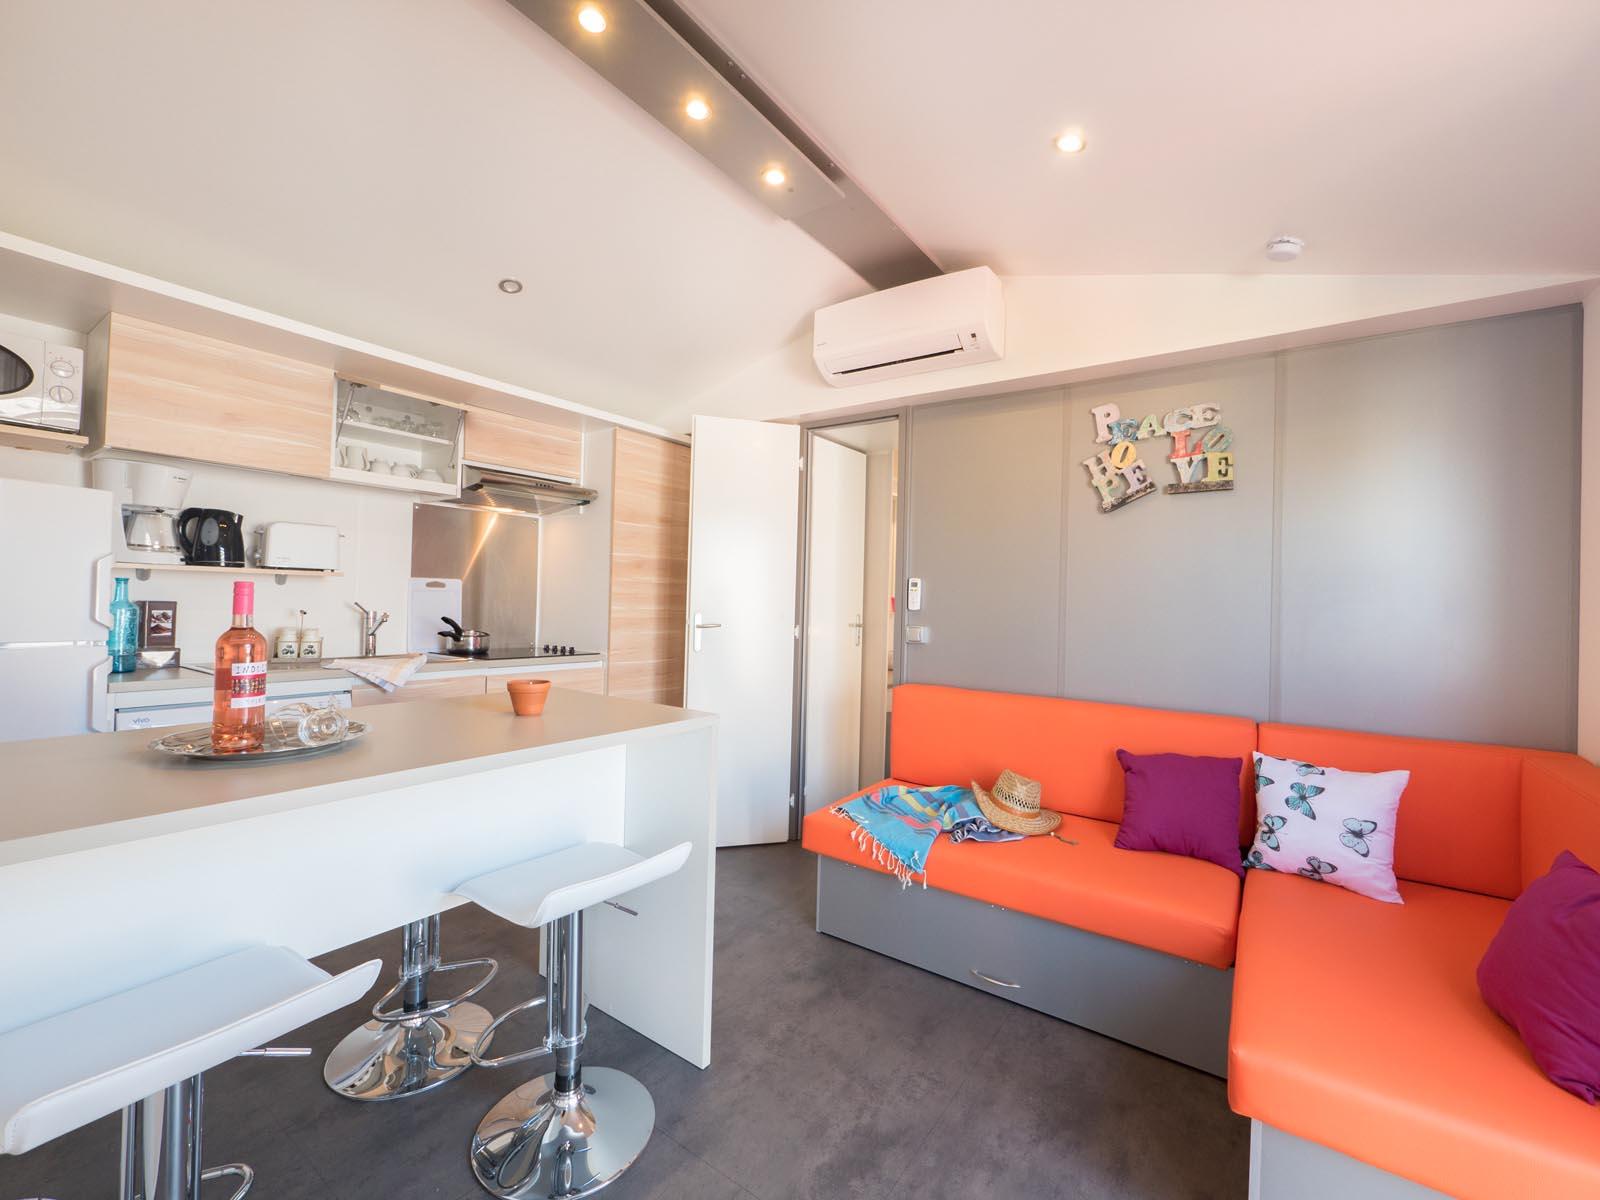 Salon et cuisine de mobilhome